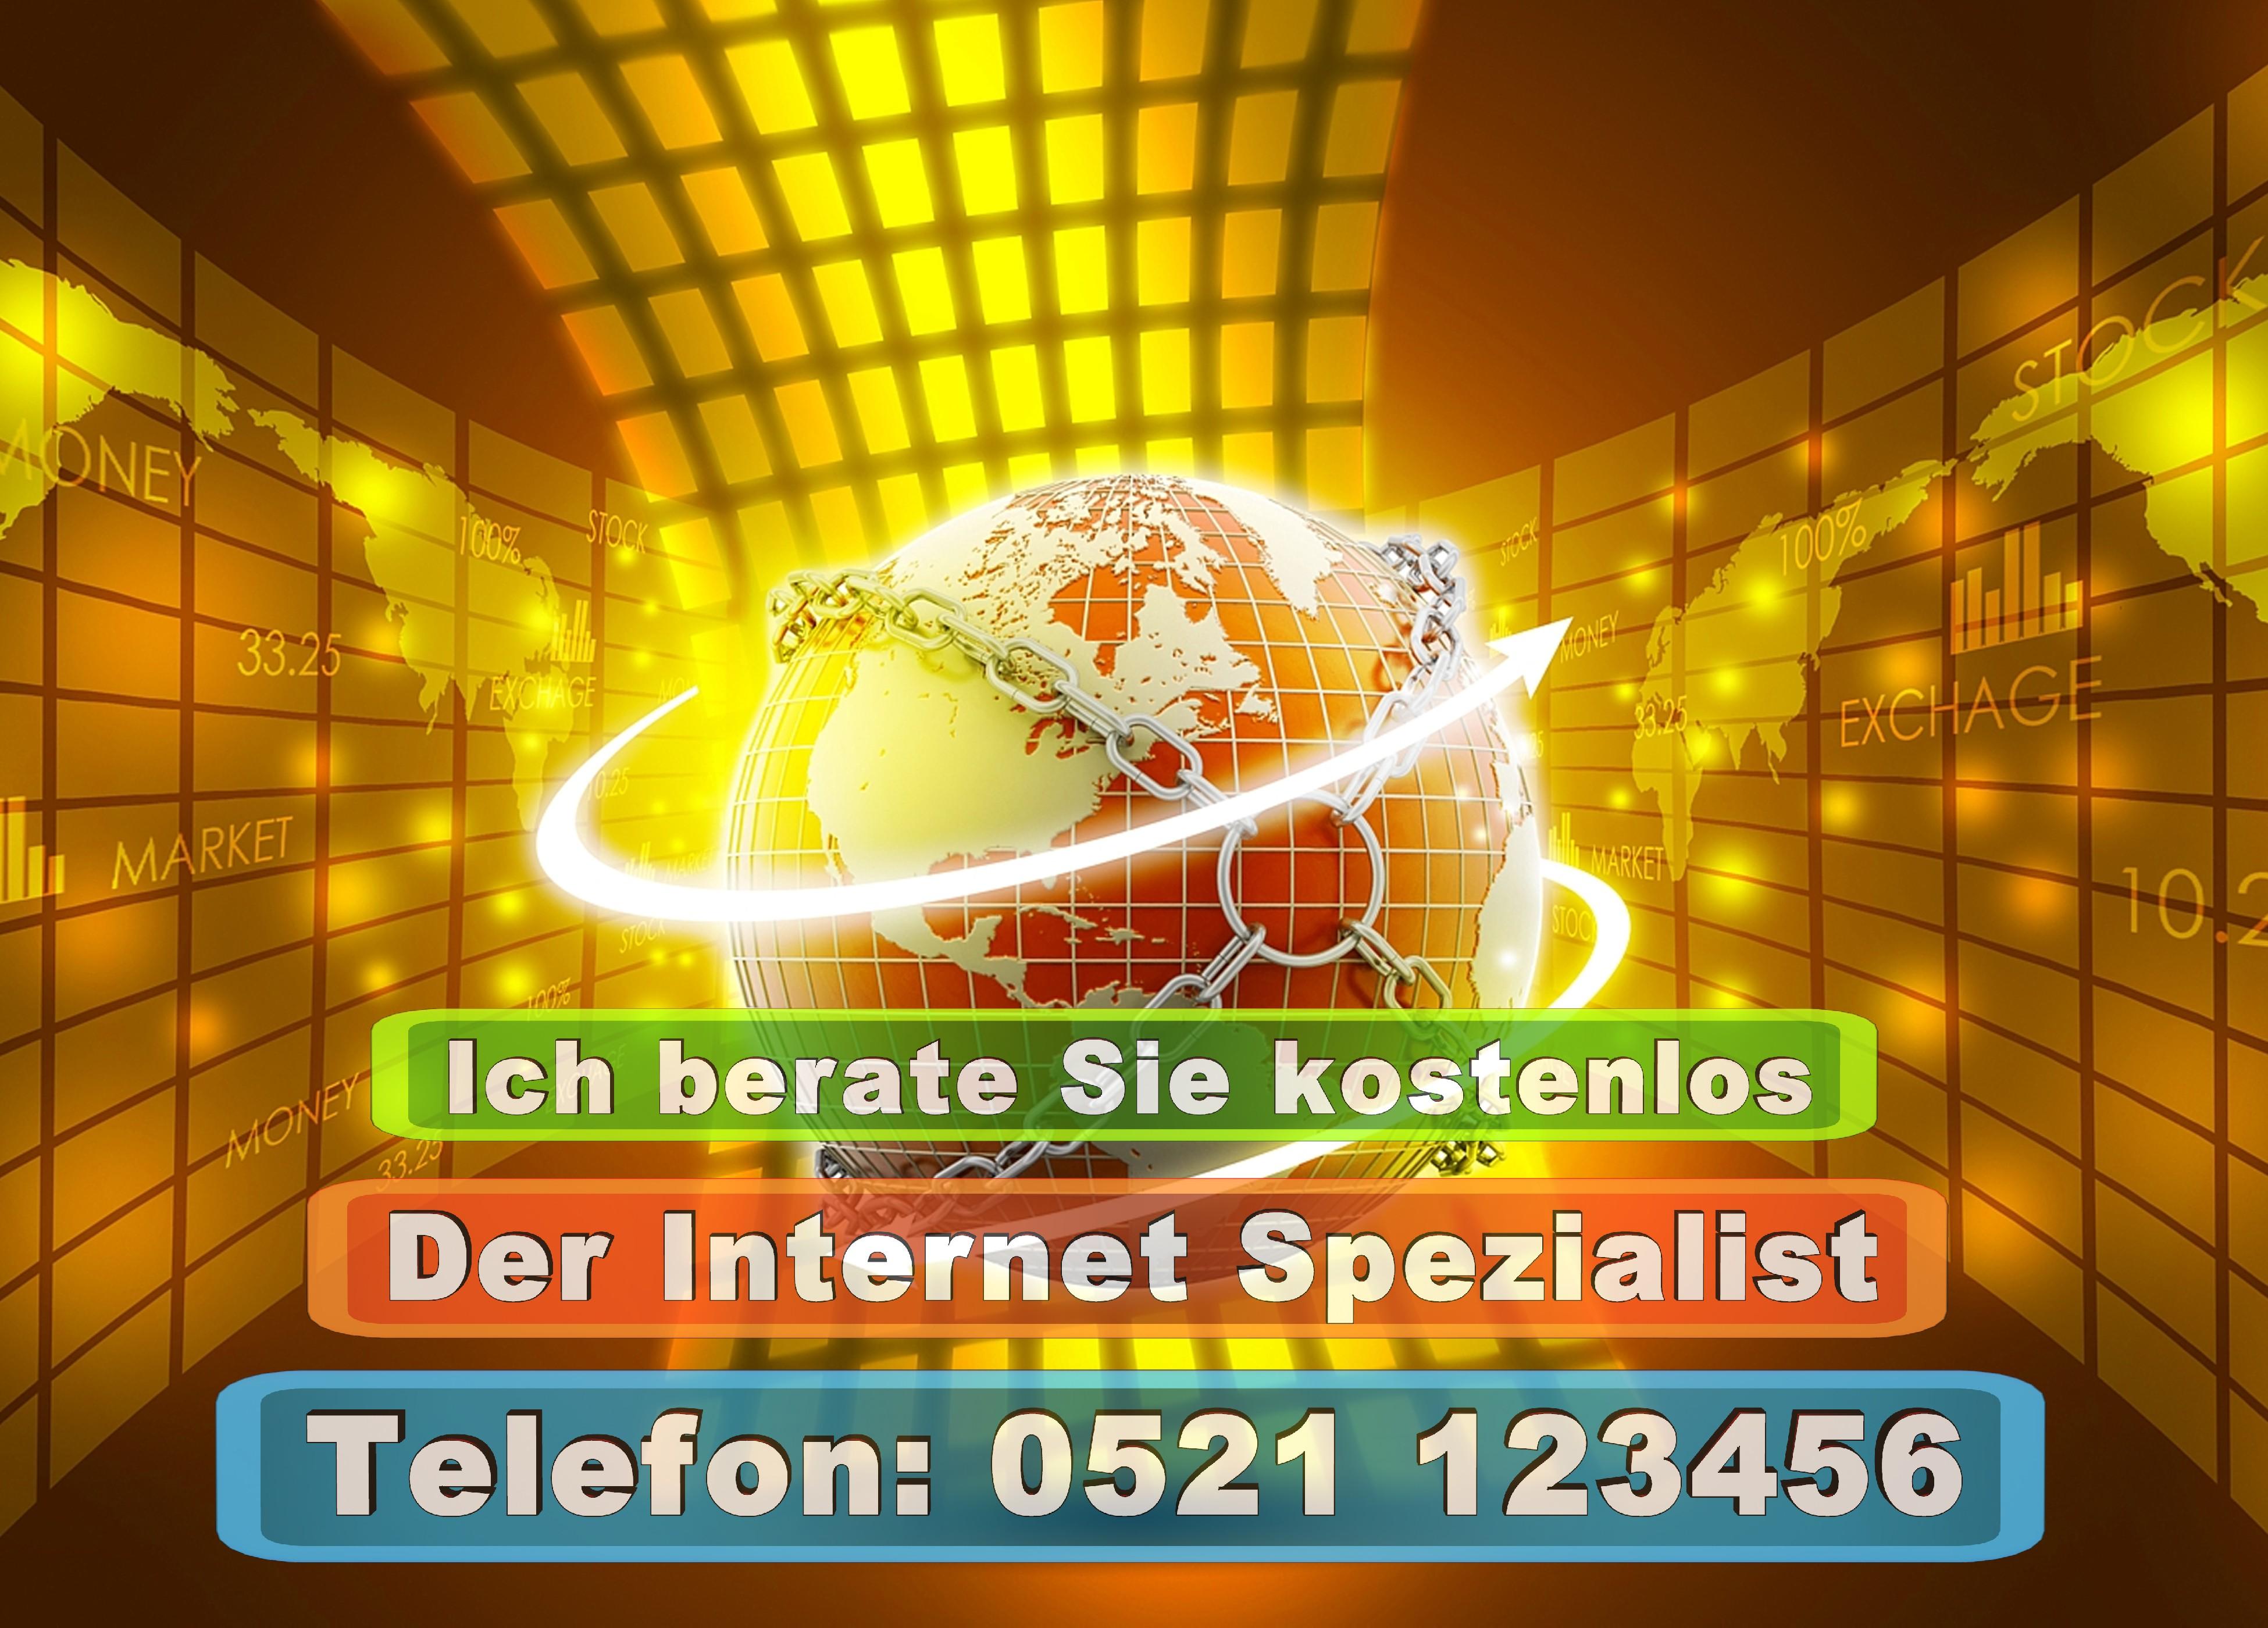 Werbeagentur Bielefeld Druckerei Bielefeld Prospekte Zeitung Visitenkarten Poster Werbung Print Presse Druck Fotografie Fotos Internet (36)